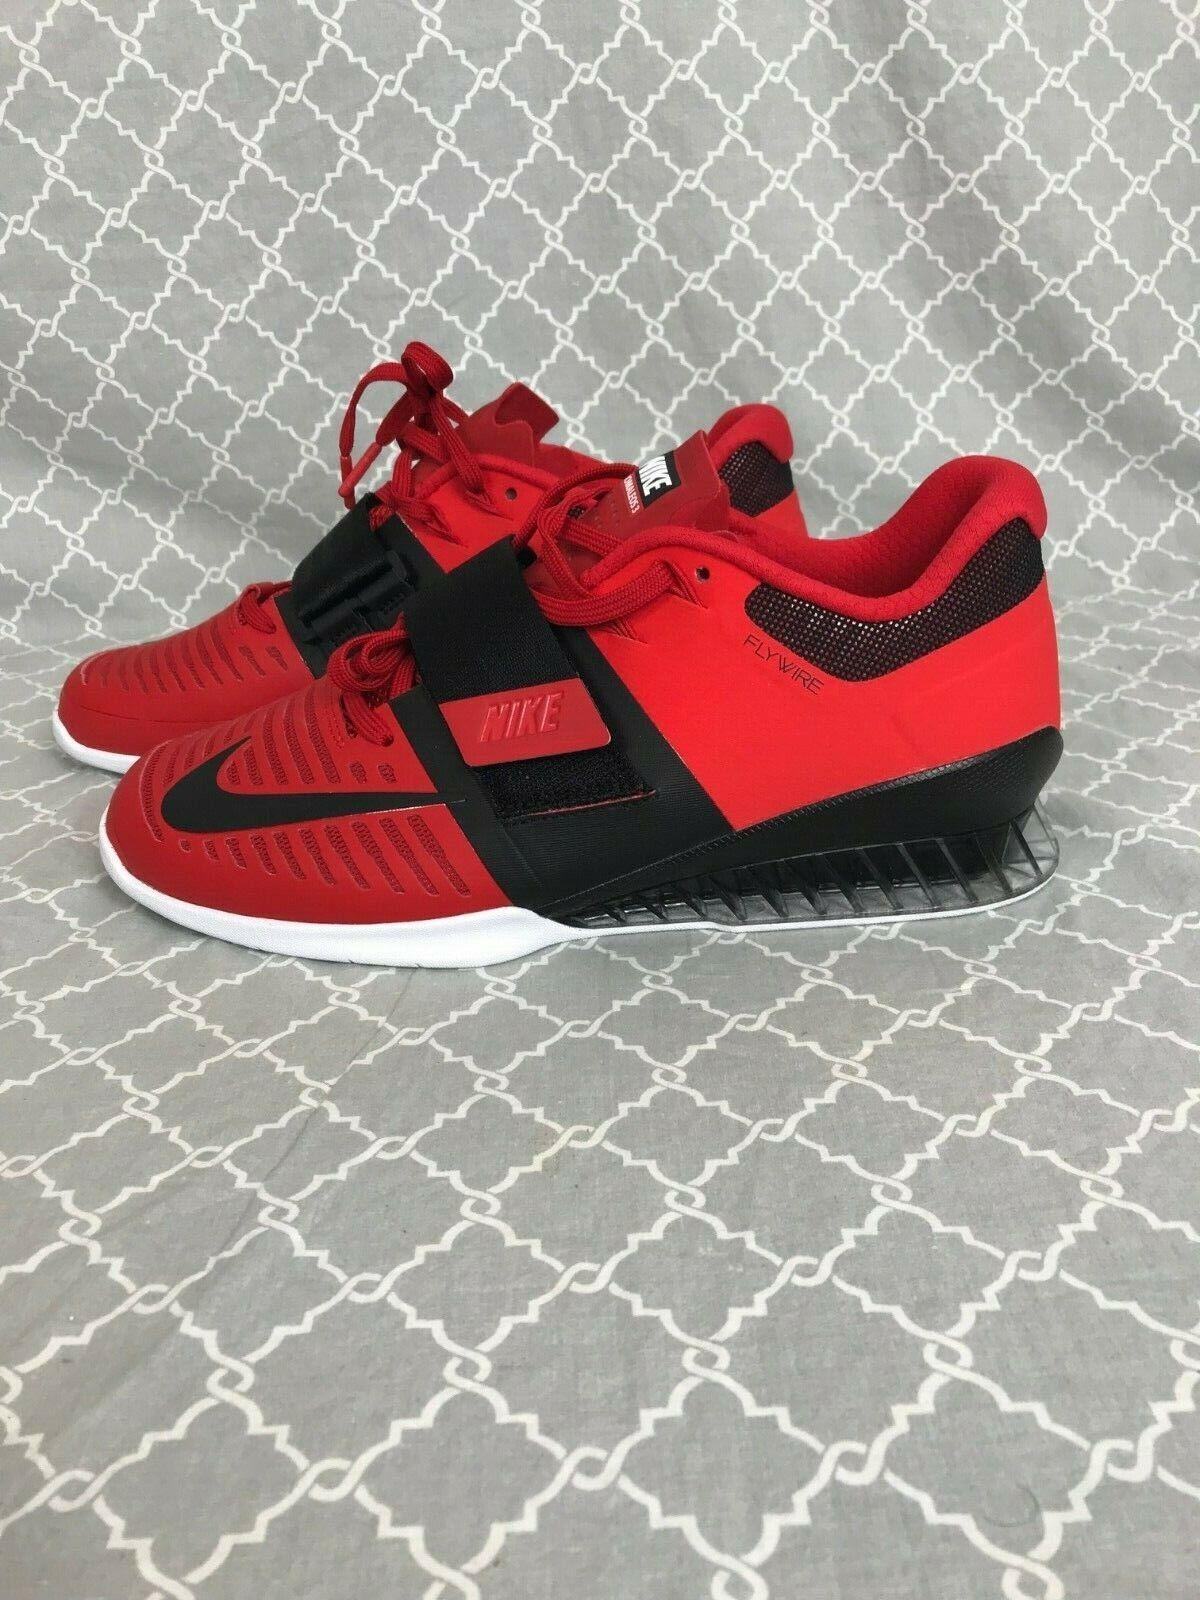 Nike Romaleos 3 Scarpe di peso  Nuova scatola Rossa  85933 603 Retail  200  prezzi bassi di tutti i giorni